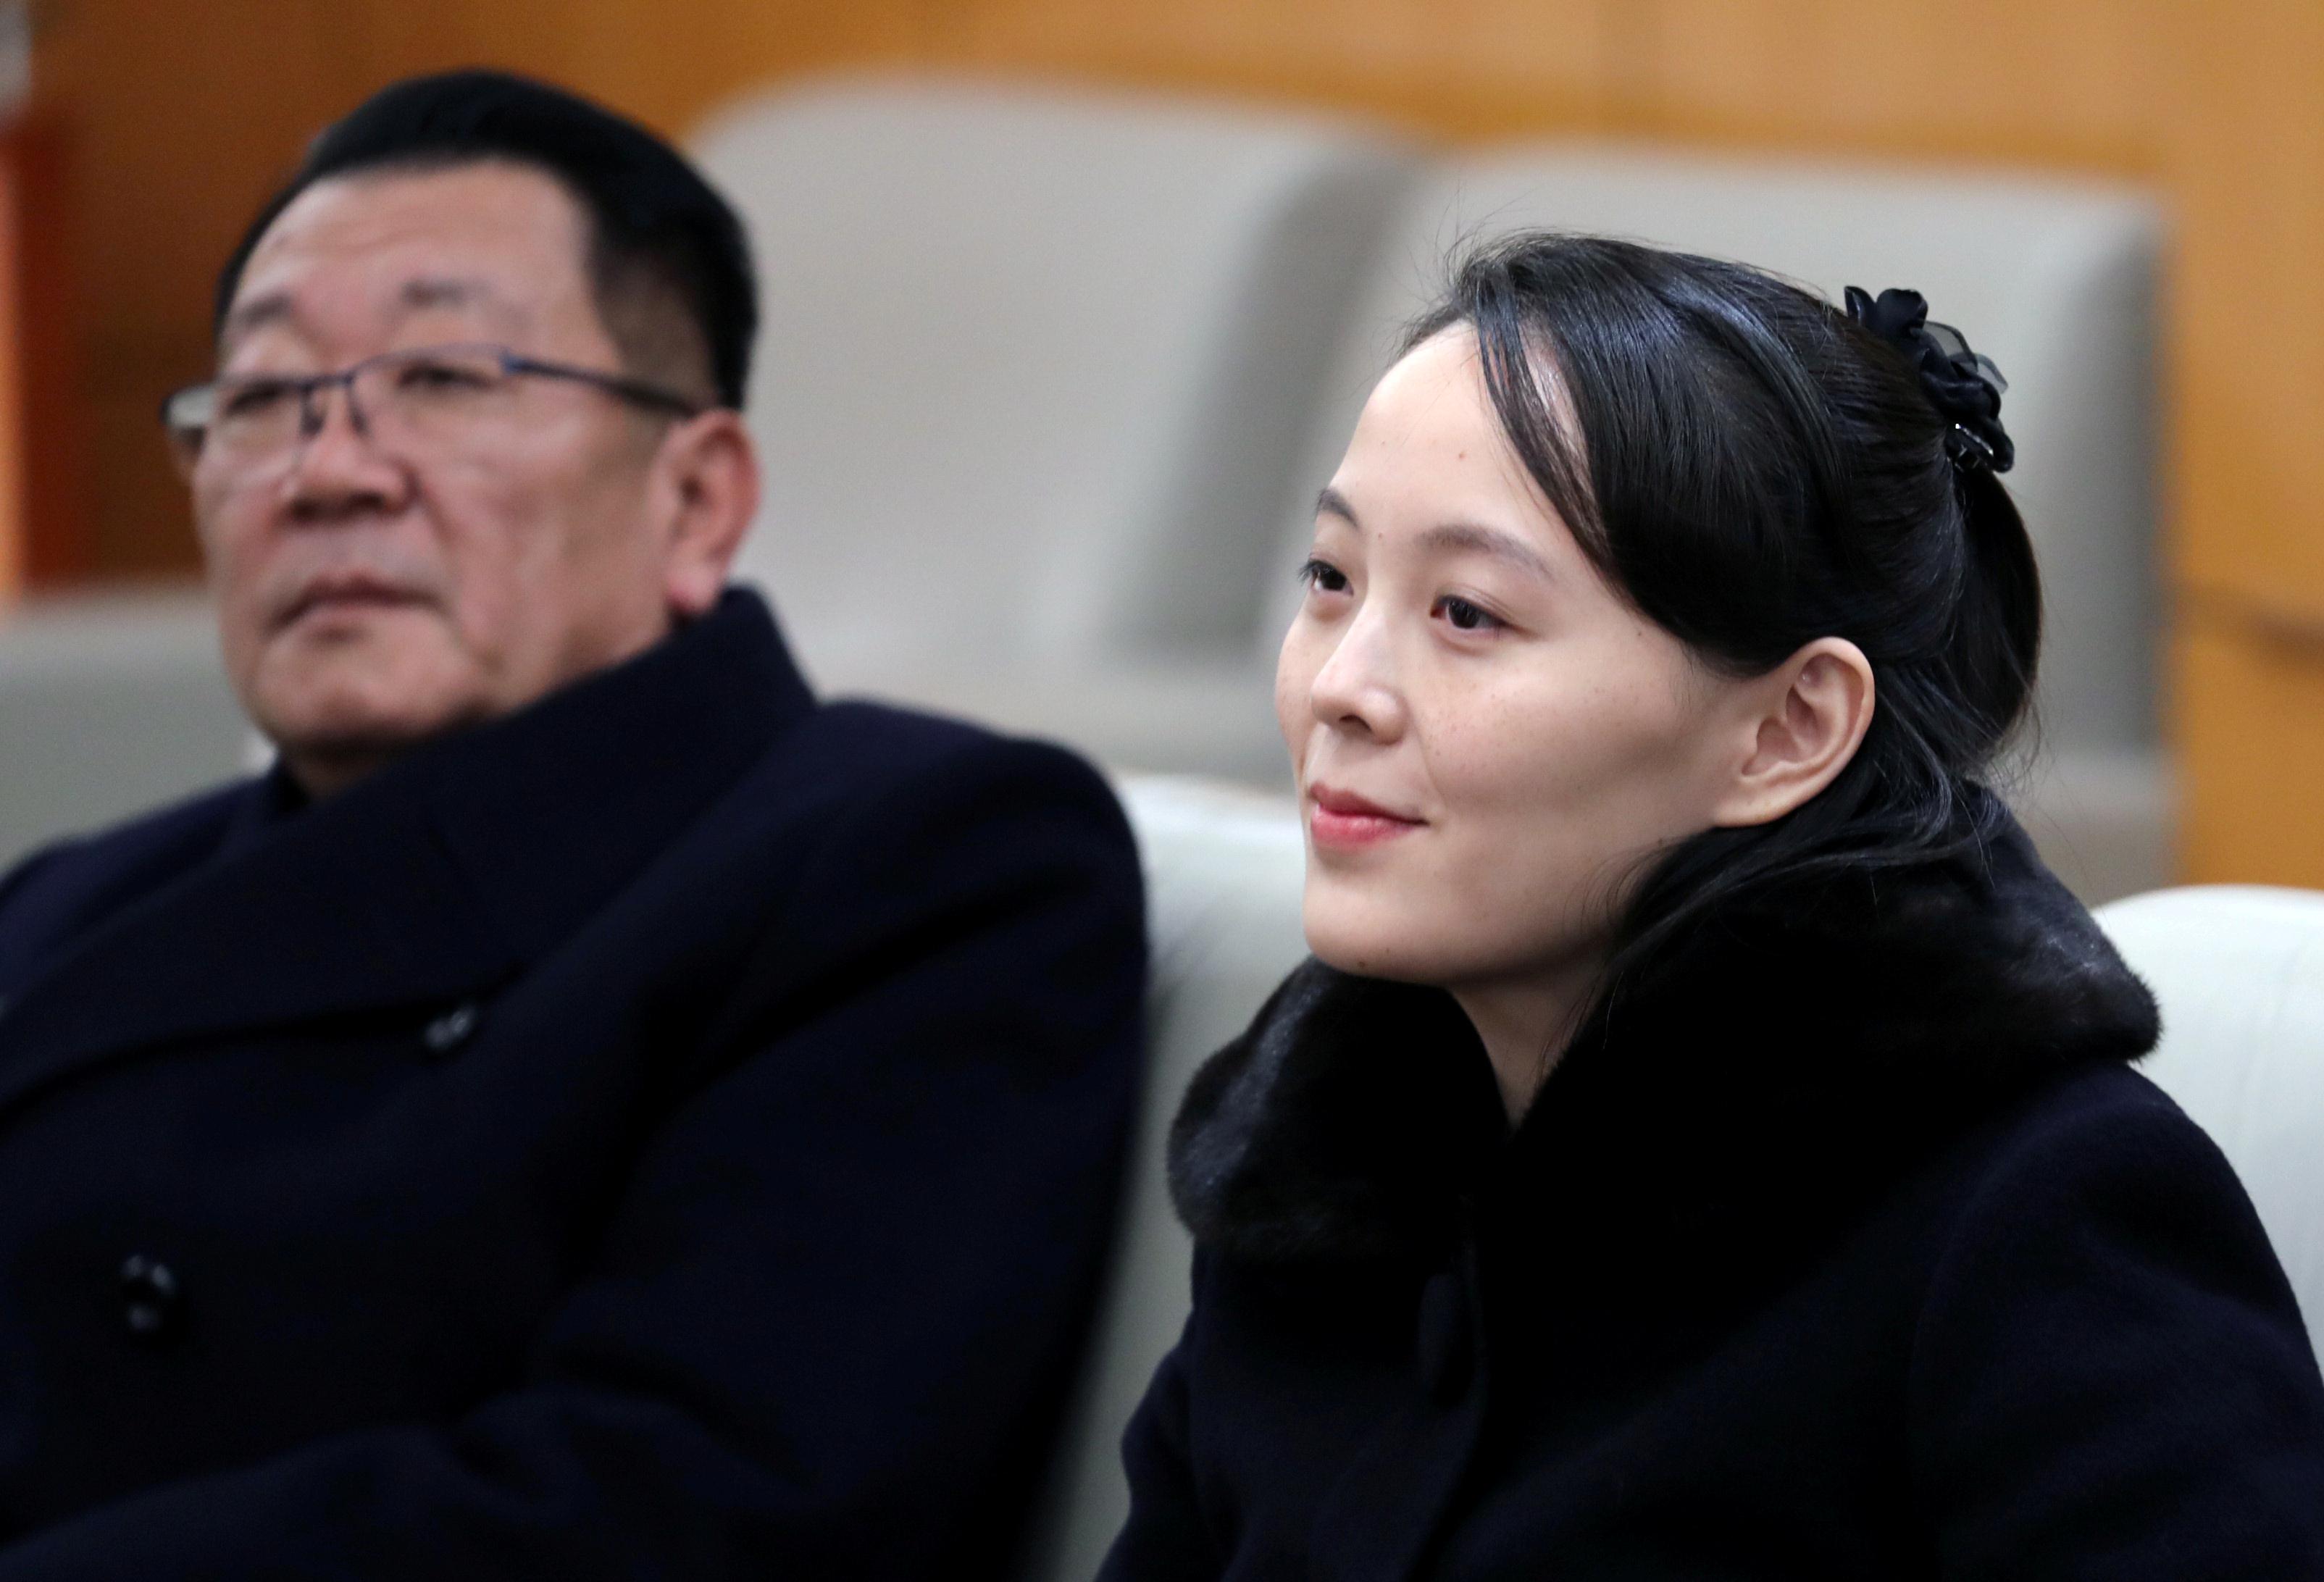 وصول شقيقة زعيم كوريا الشمالية